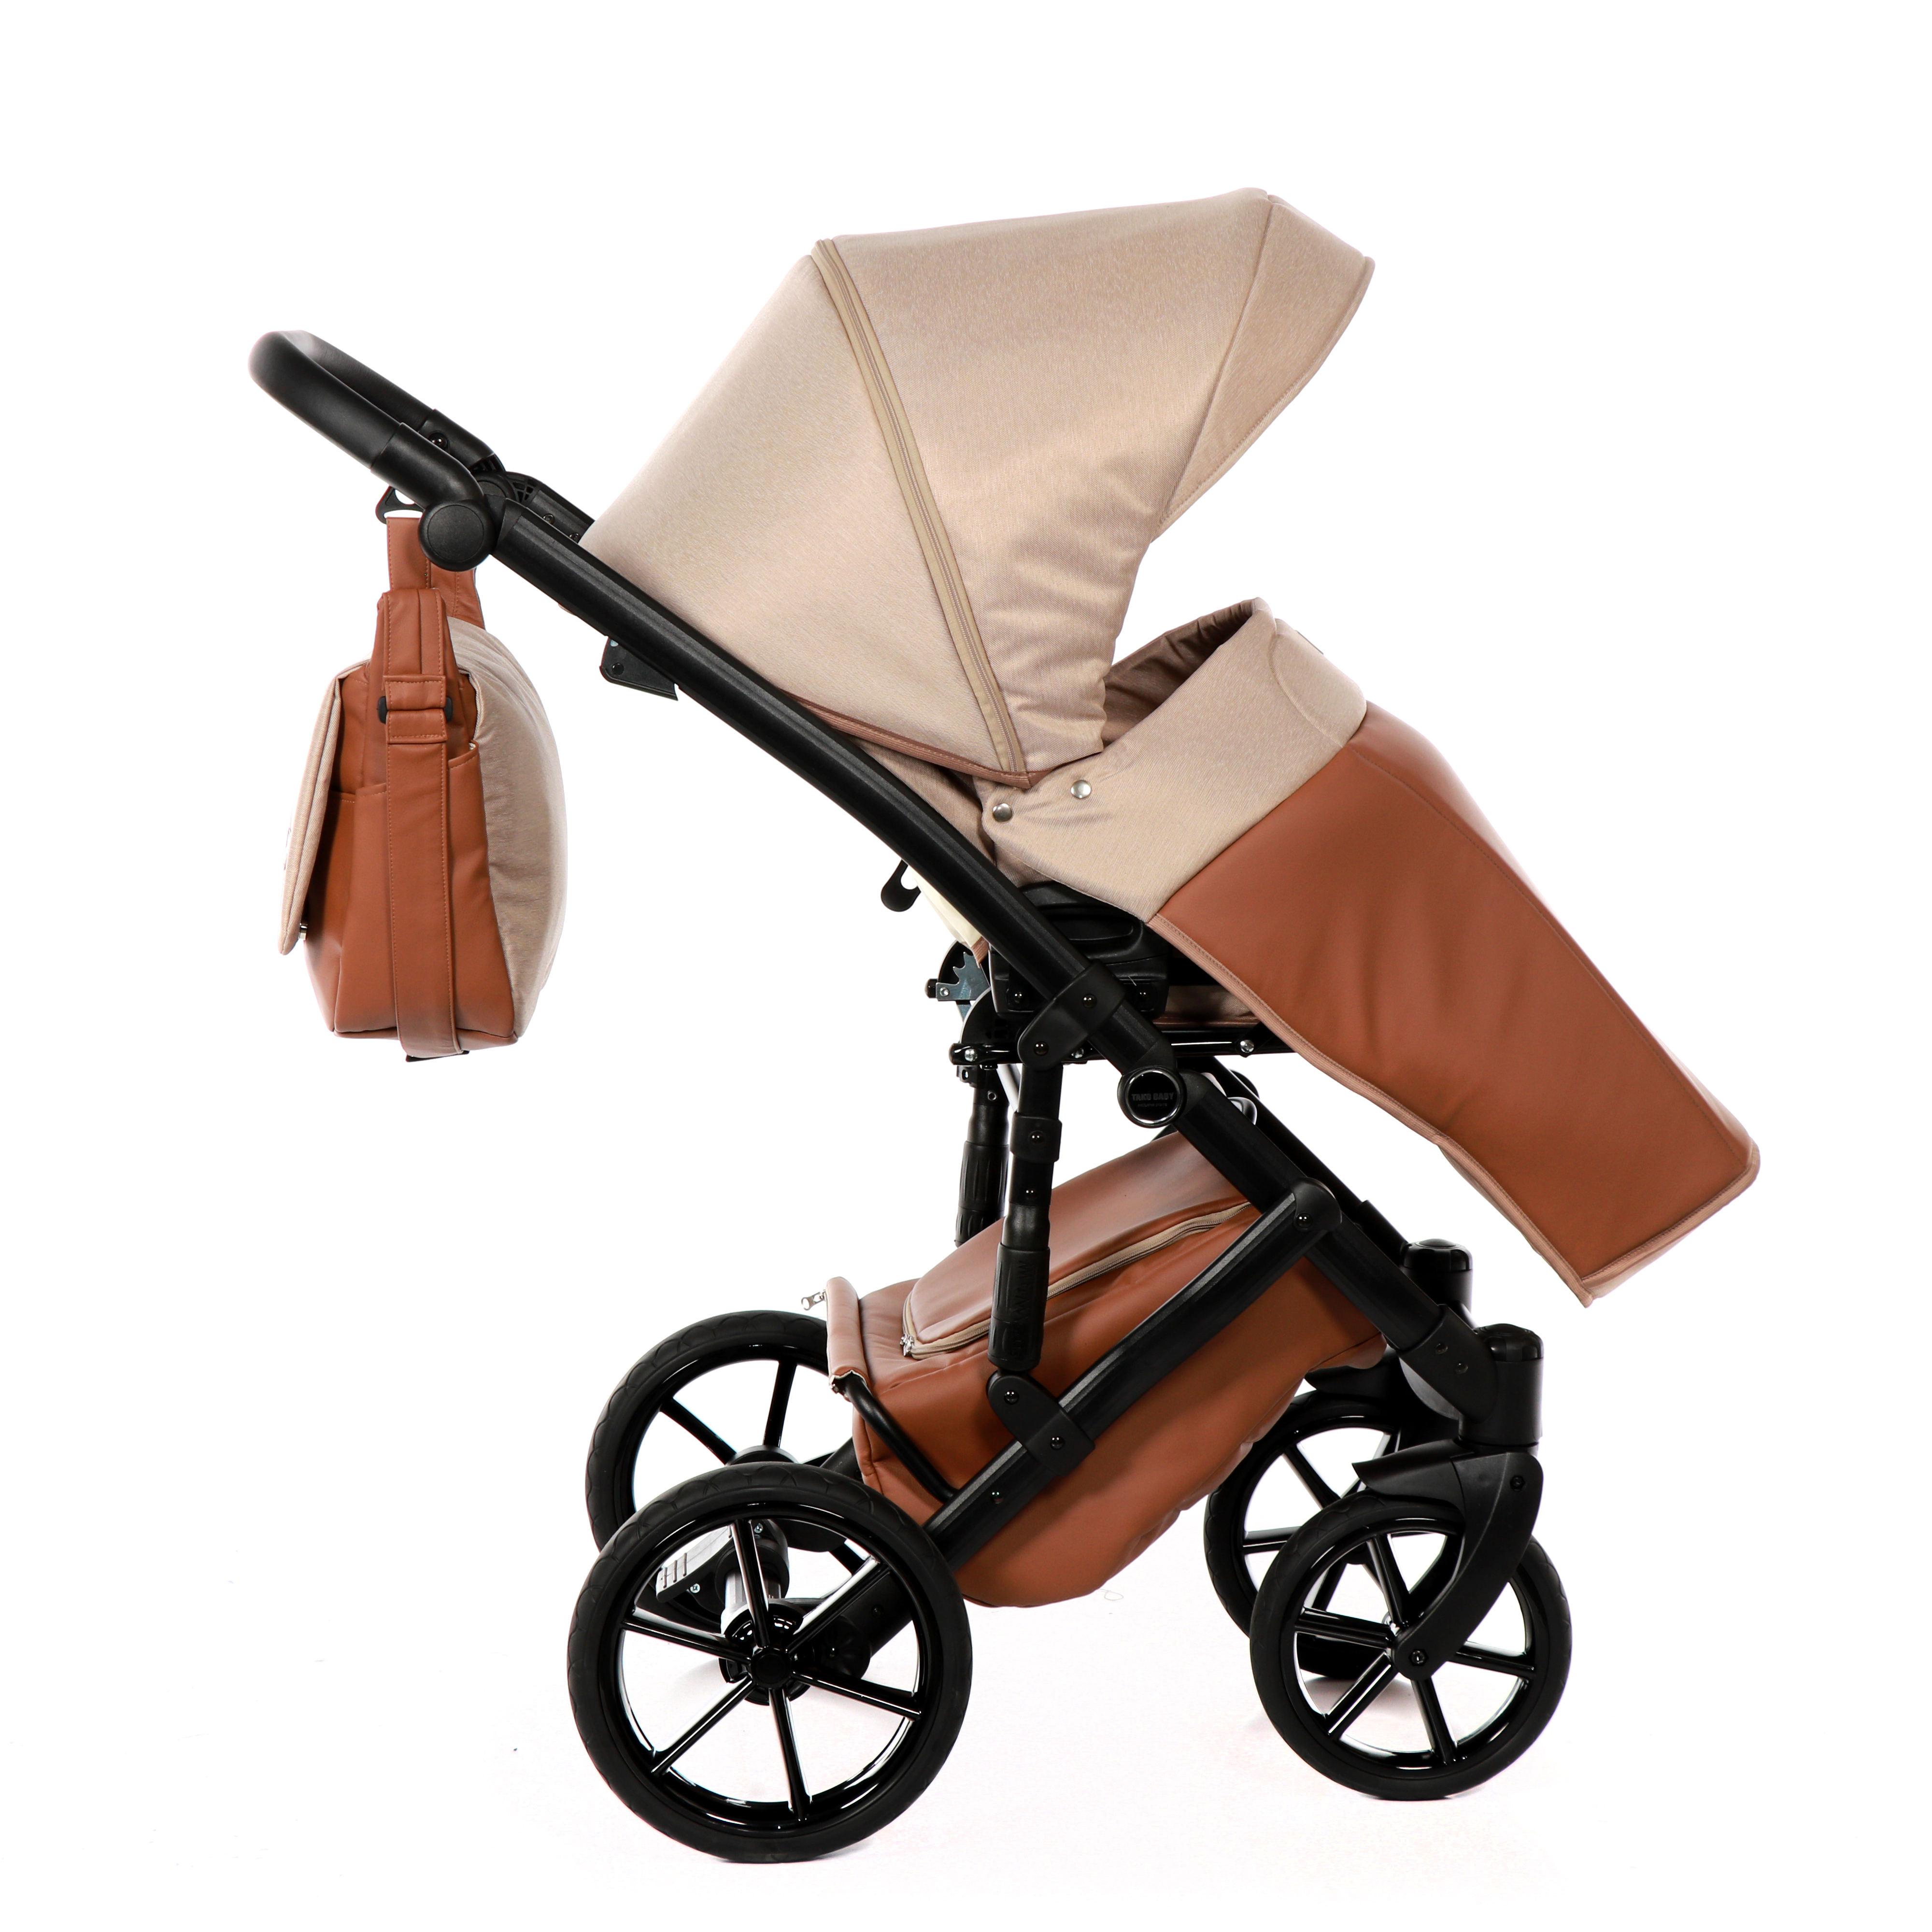 wózek dziecięcy Corona Lite Tako wielofunkcyjny spacerowy